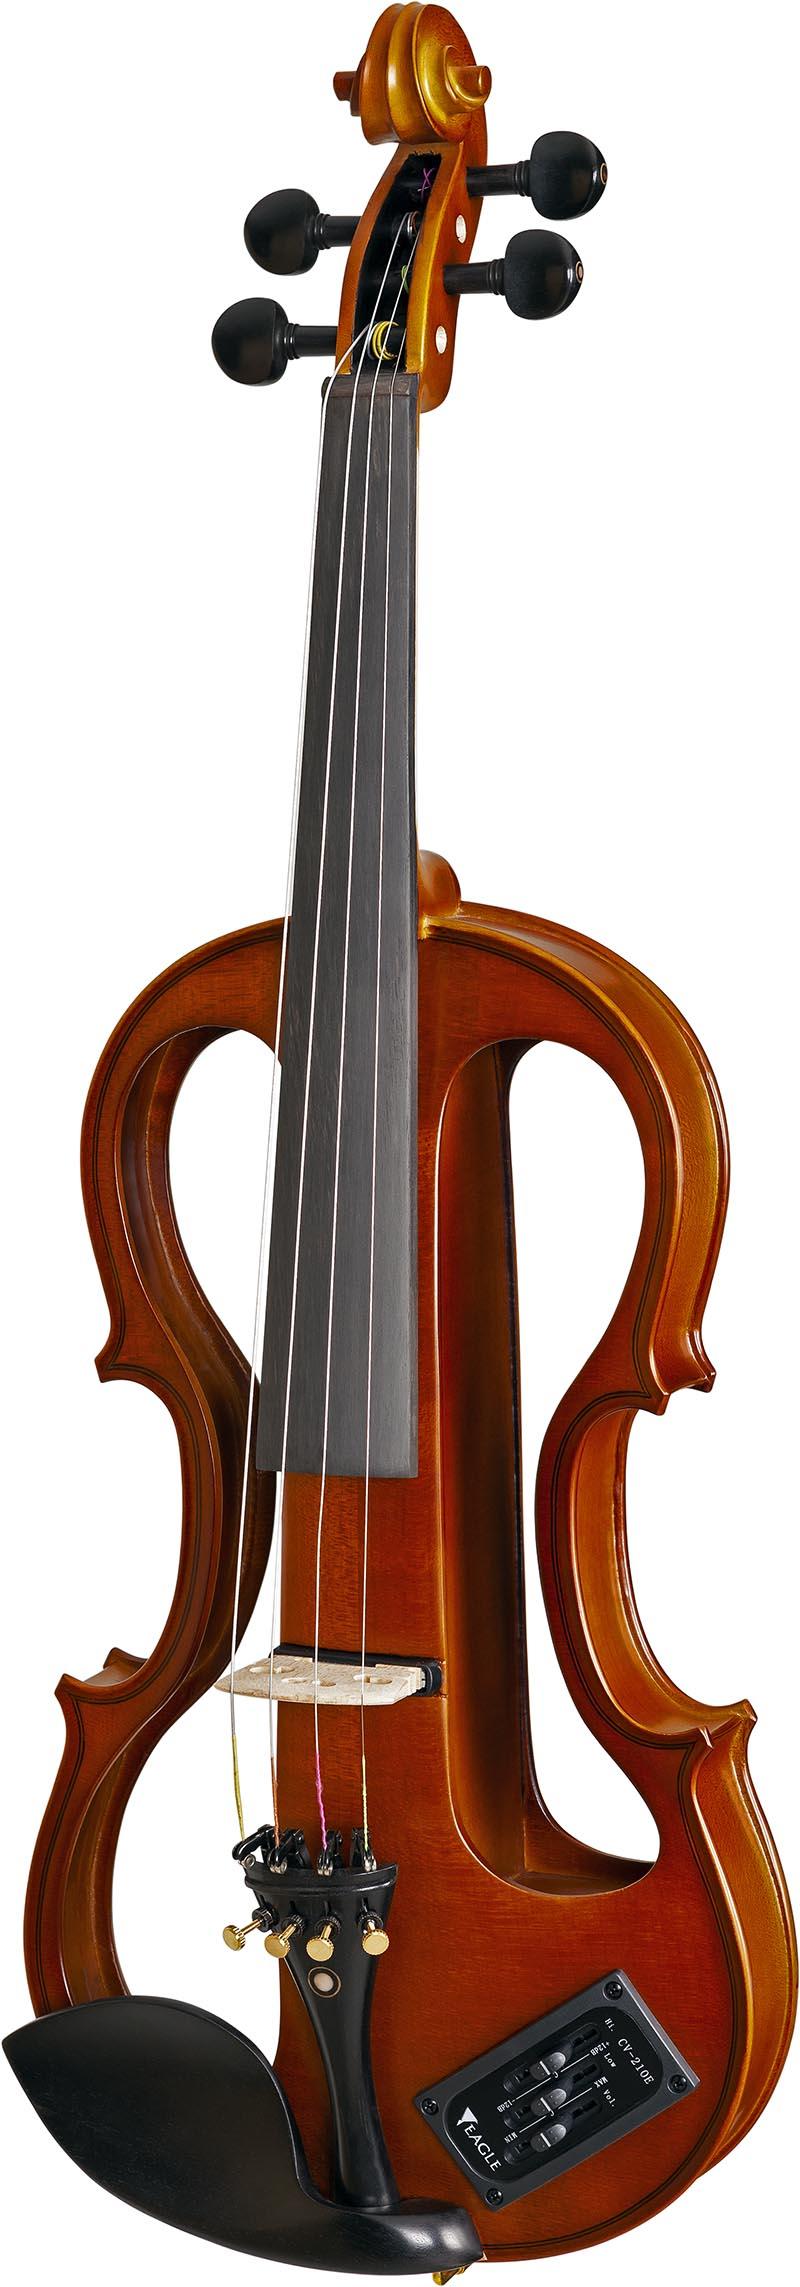 ev744 violino eagle ev744 visao frontal vertical